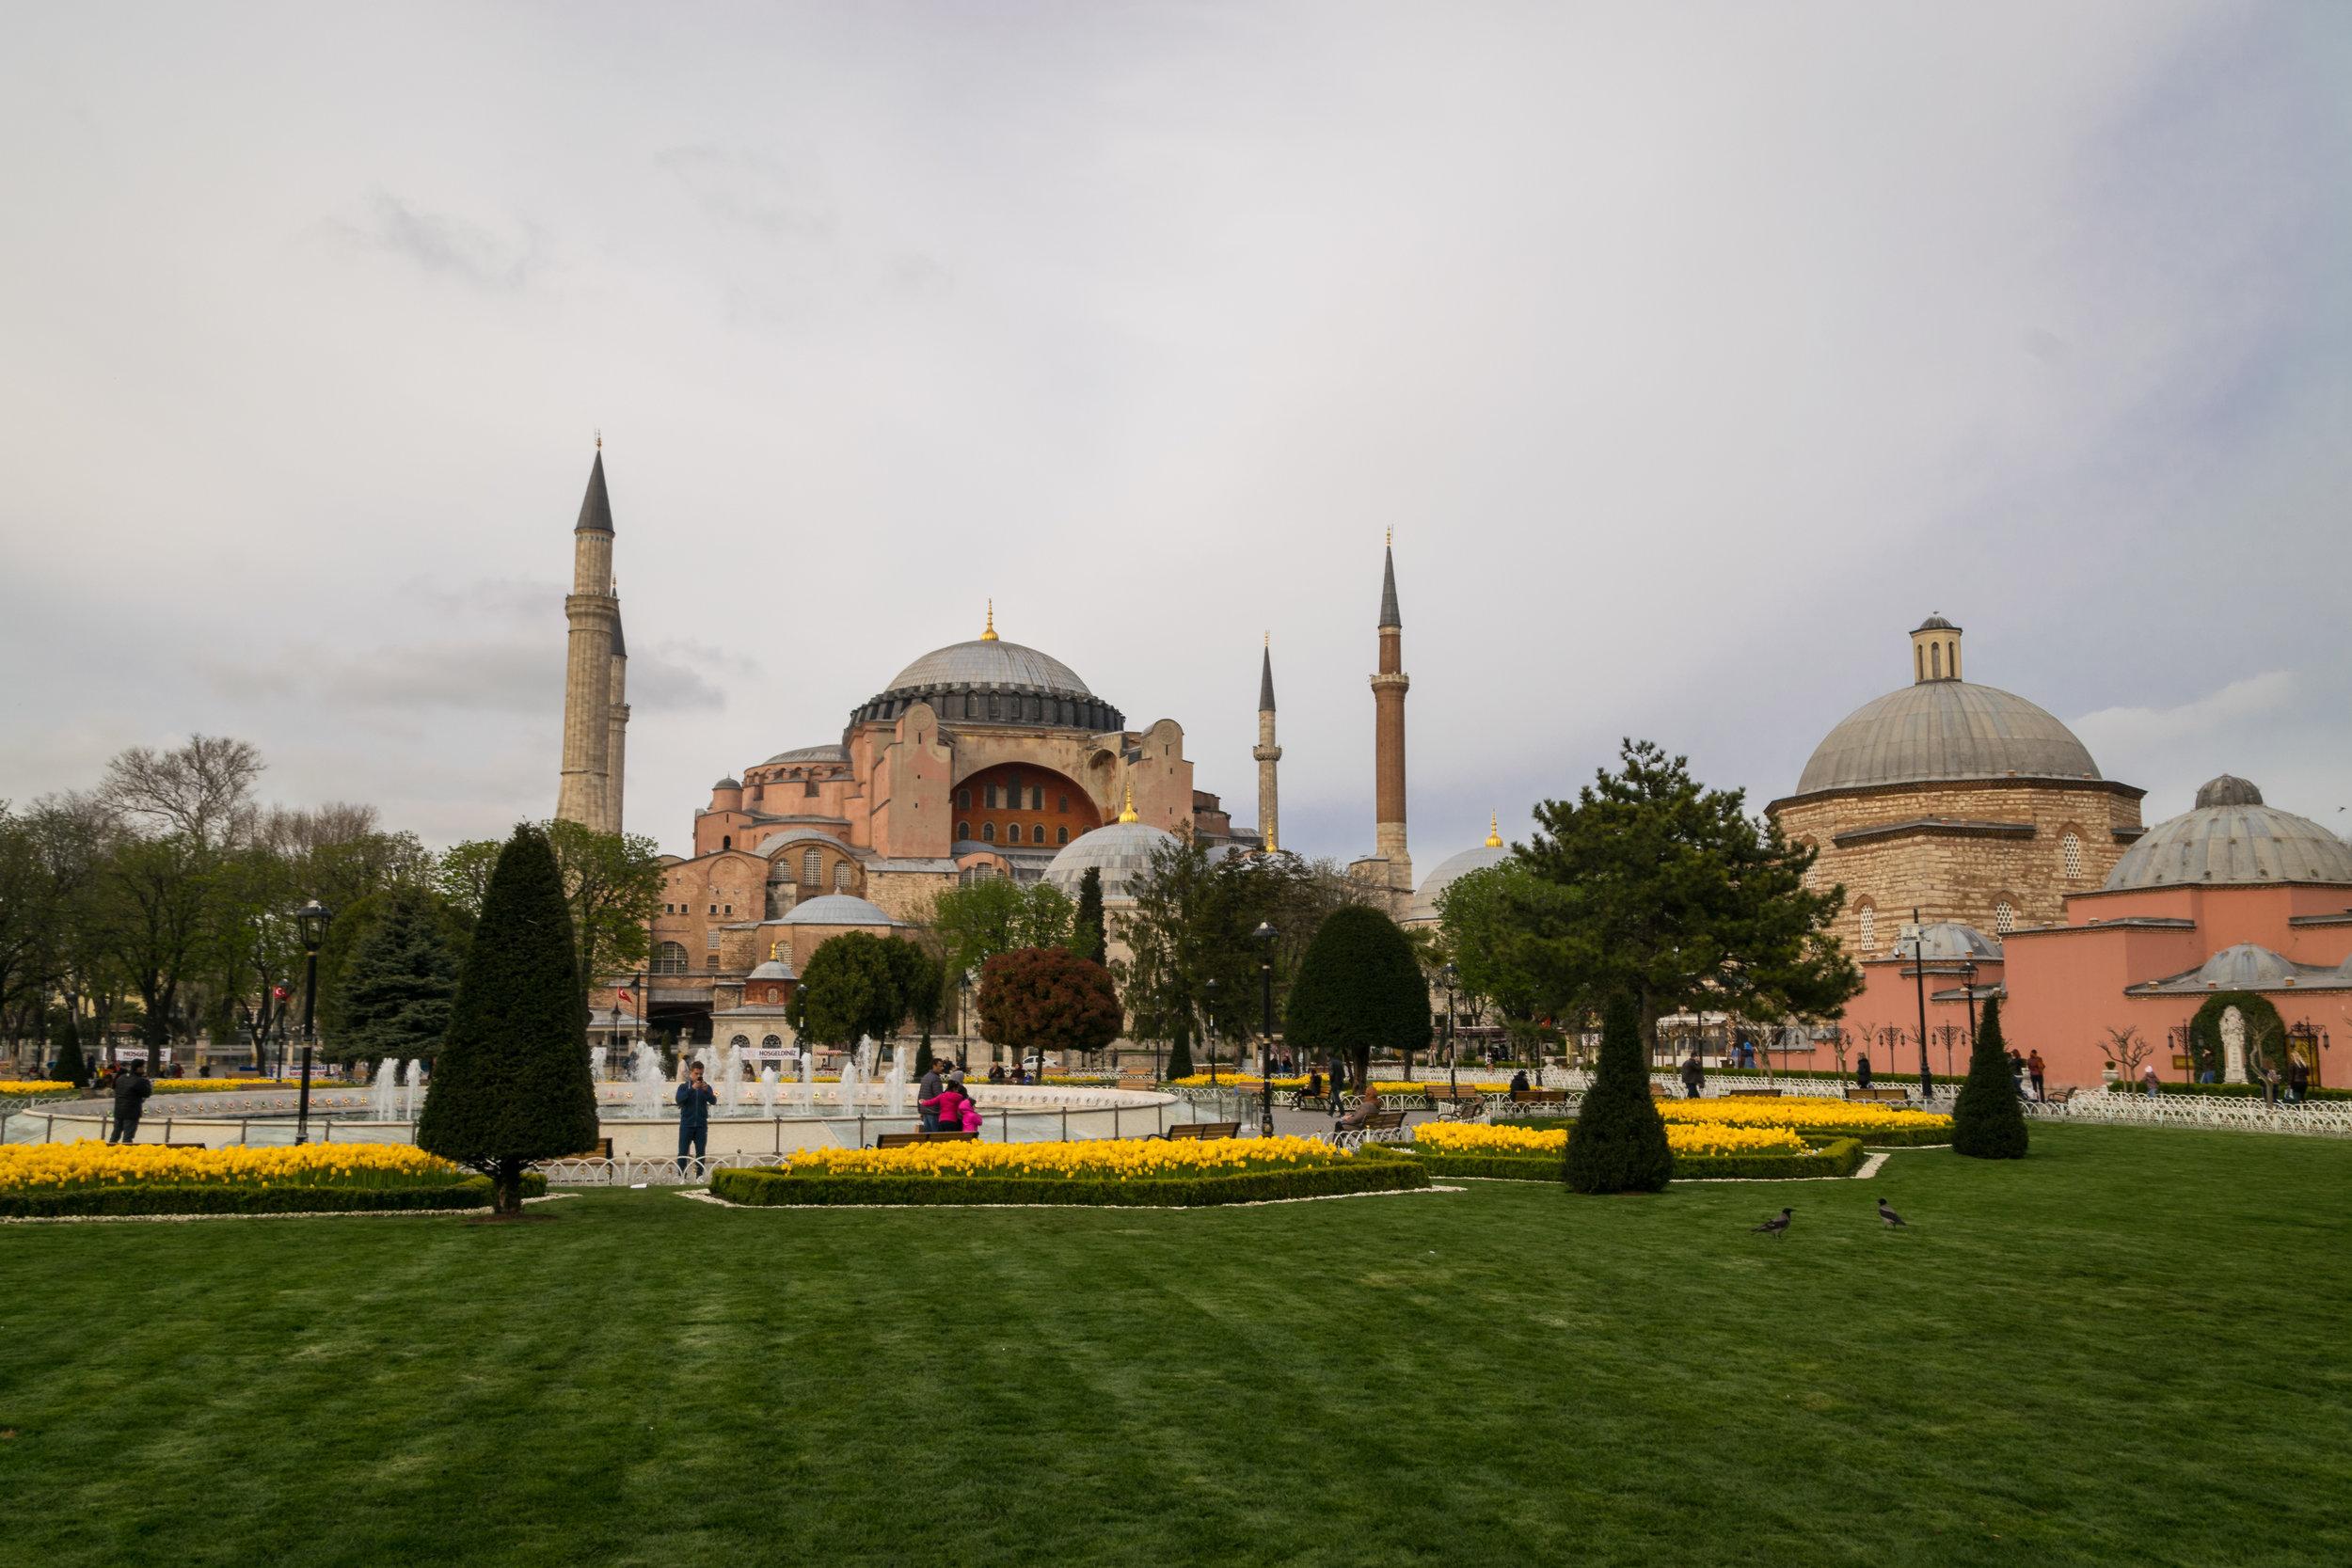 Istanbul UNESCO_Hagia Sophia-1.jpg